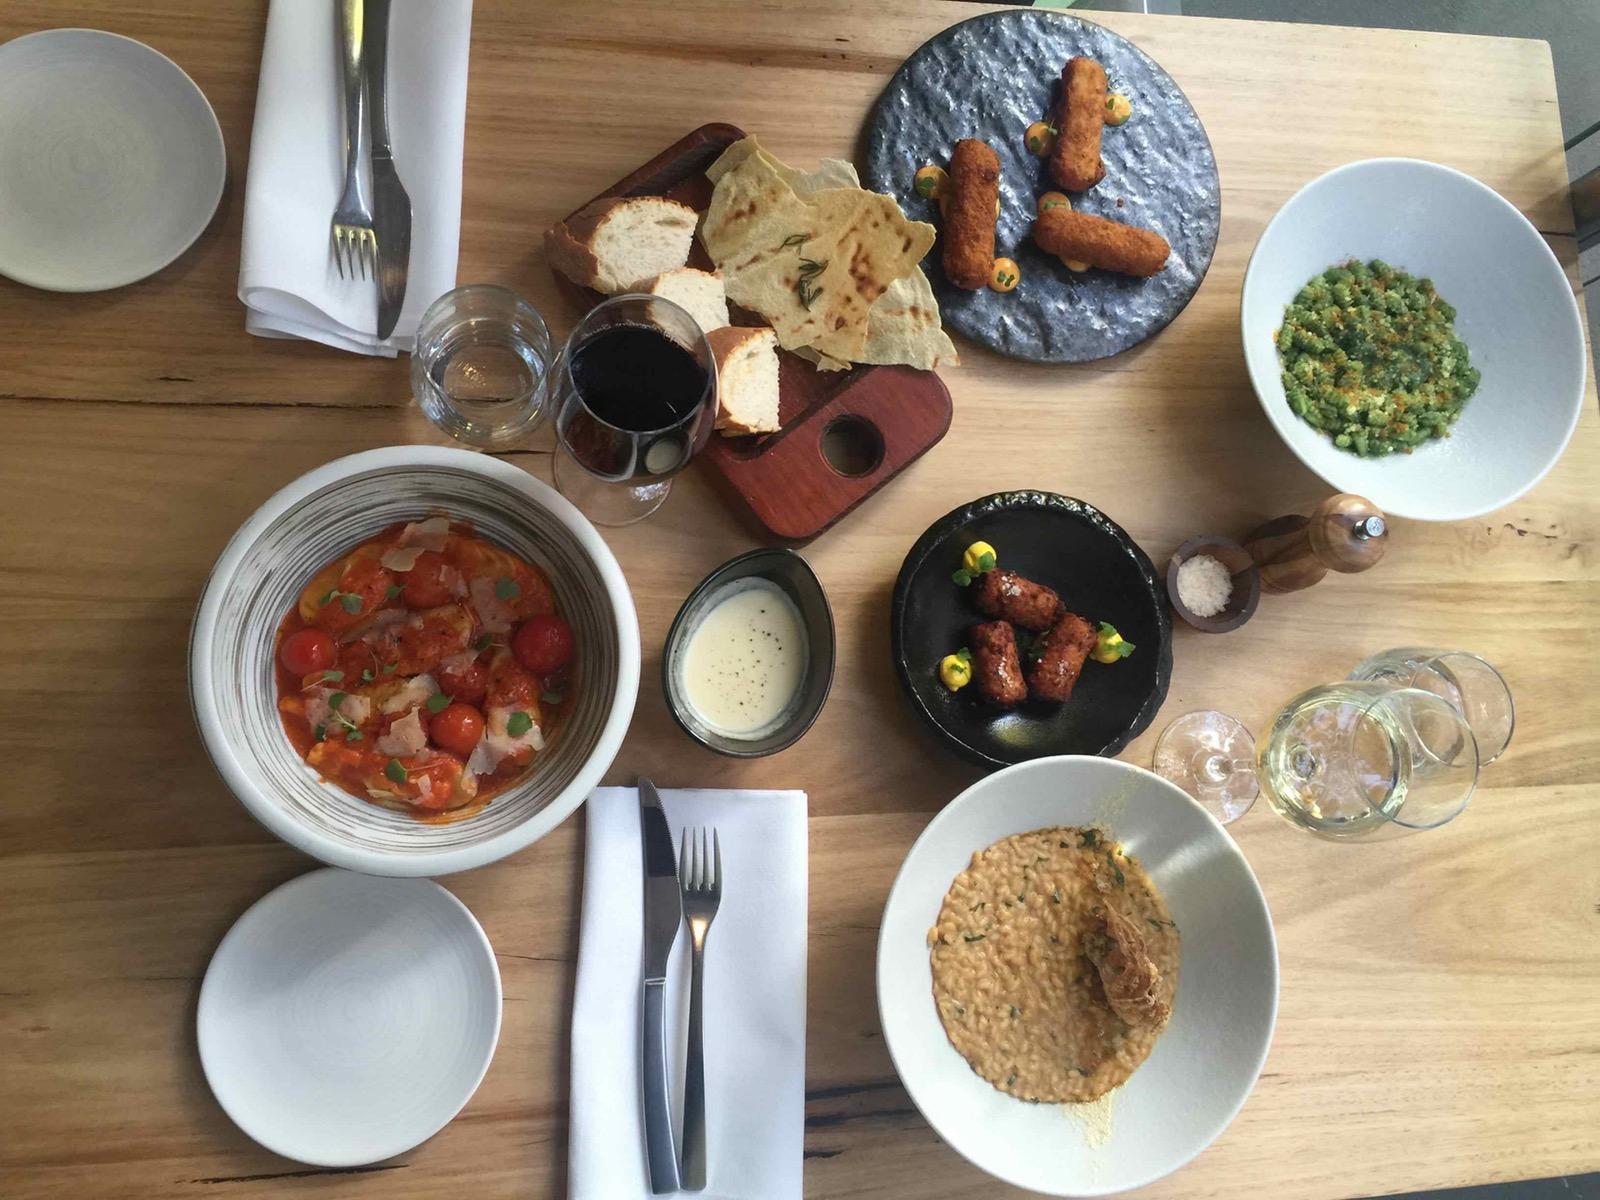 A mix of meals - Pomodoro Sardo